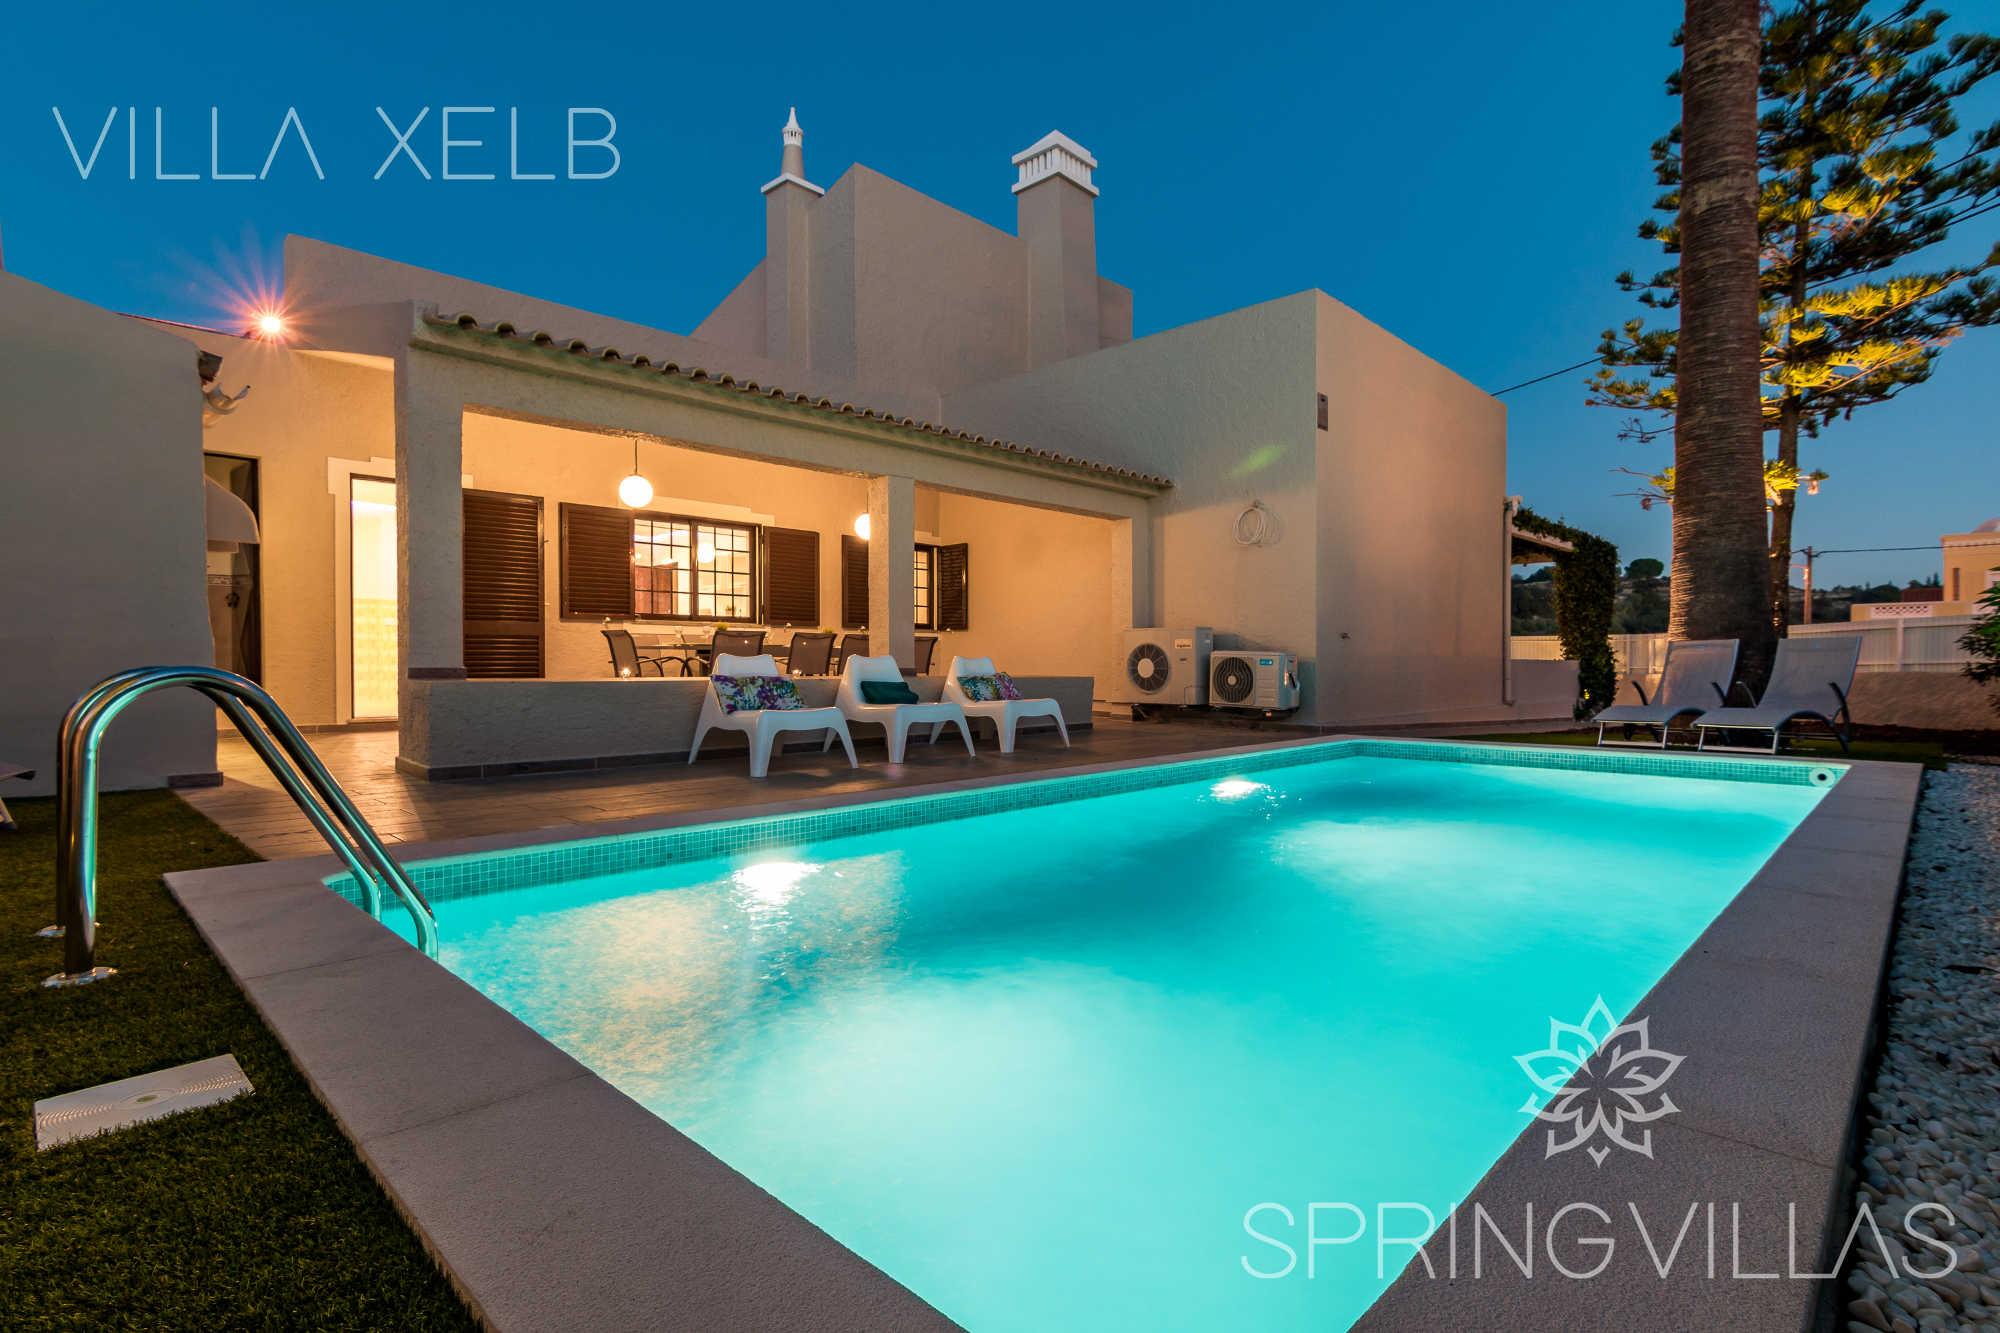 Private Villas In Portugal villa xelb - springvillas - 4 bedrooms, sleeps 10 in algarve